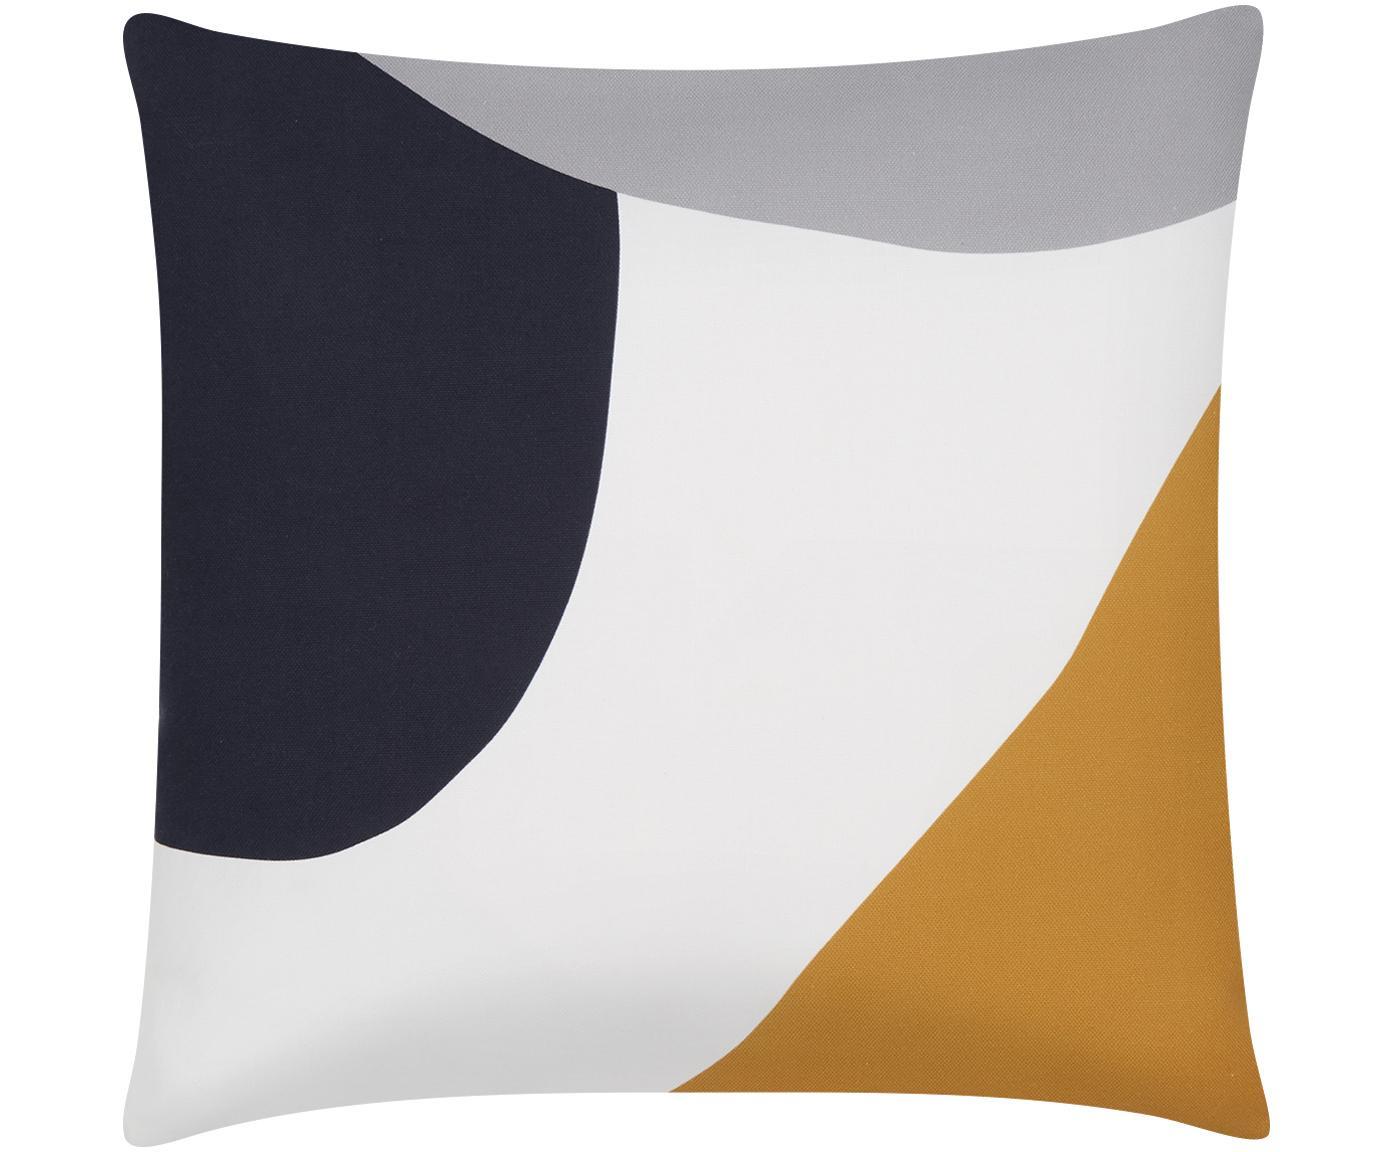 Federa arredo con forme geometriche Linn, Tessuto: Panama, Bianco, multicolore, Larg. 40 x Lung. 40 cm